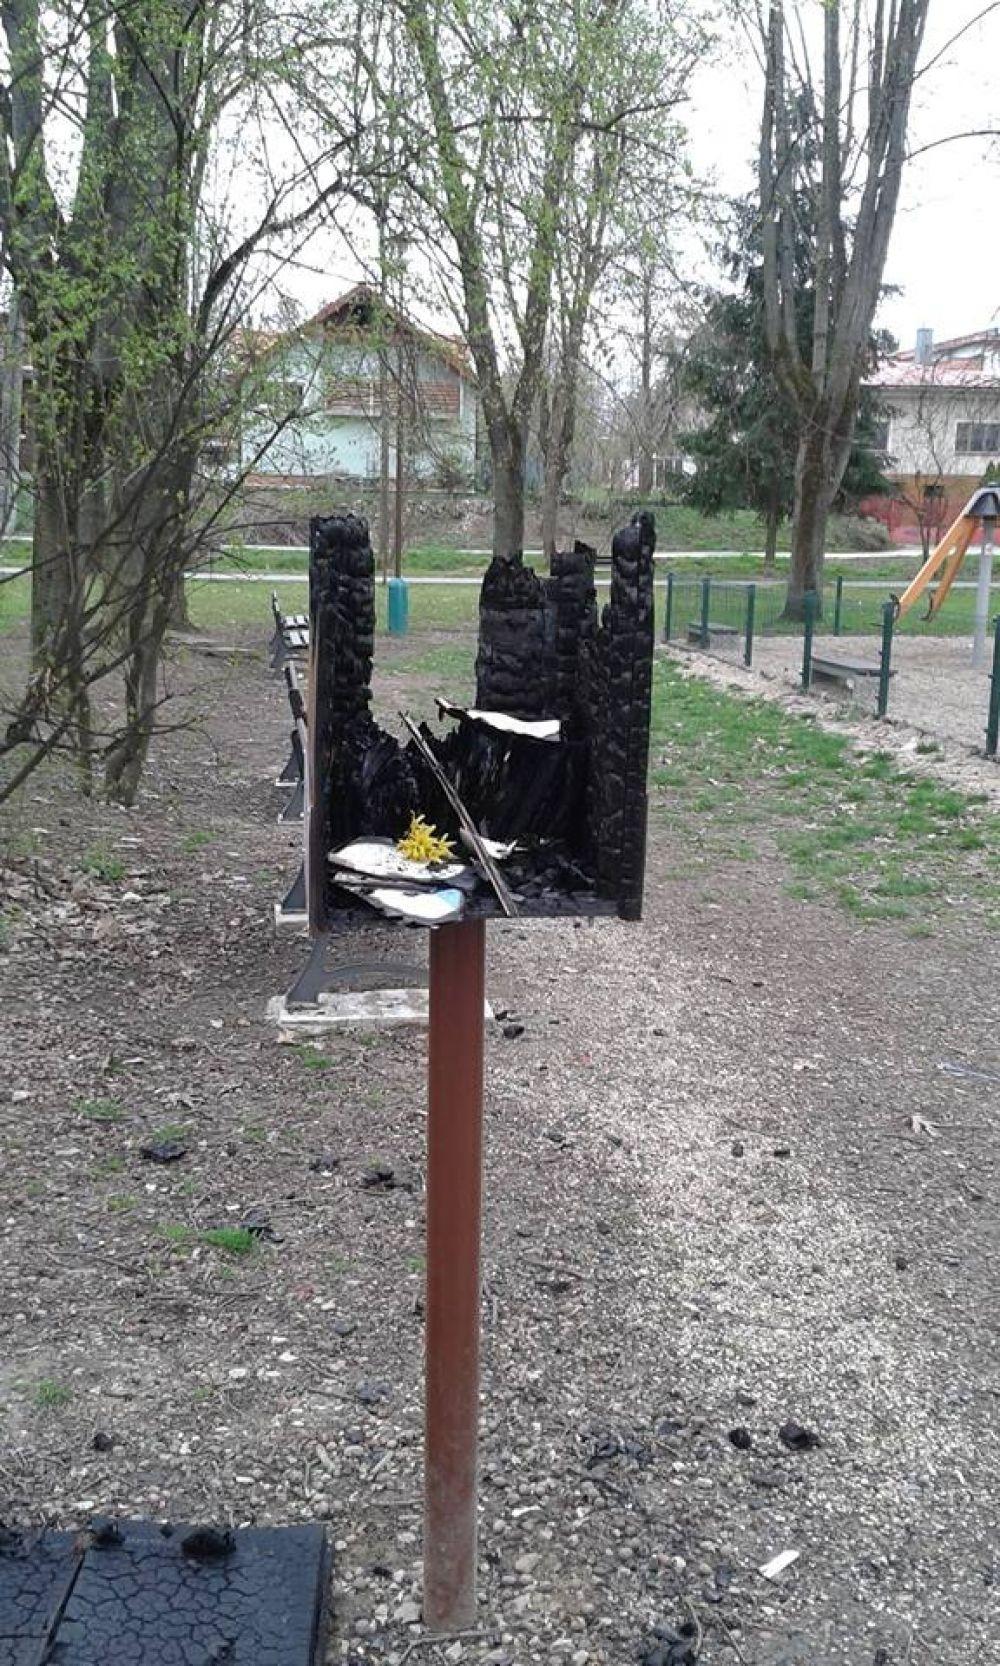 Neznámy vandal podpálil búdku na knihy, dobrovoľník ju opravil, foto 2